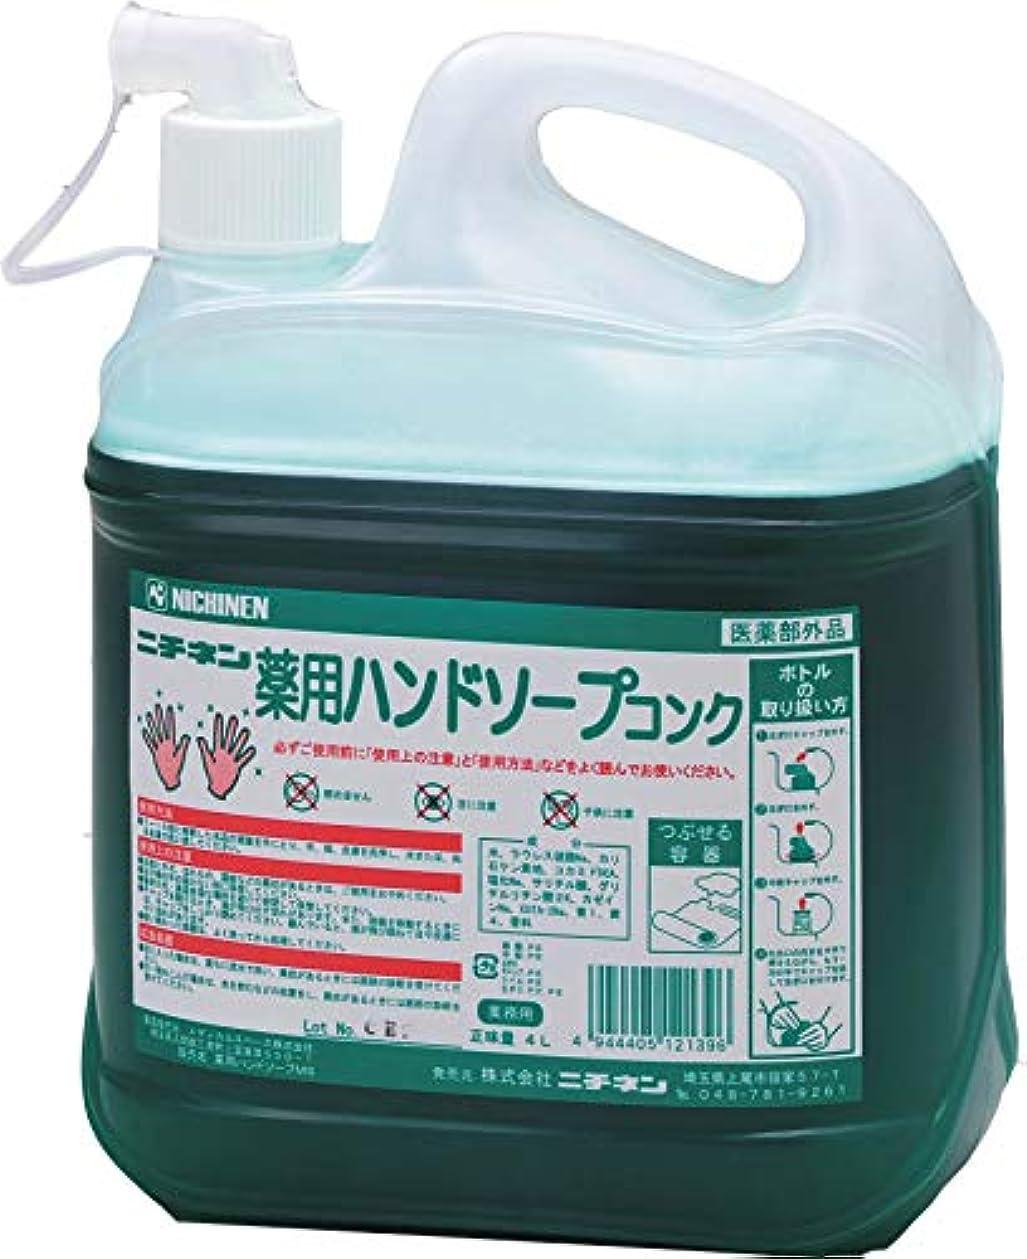 赤面順応性悪性のニチネン 薬用ハンドソープ  4L 7倍濃縮